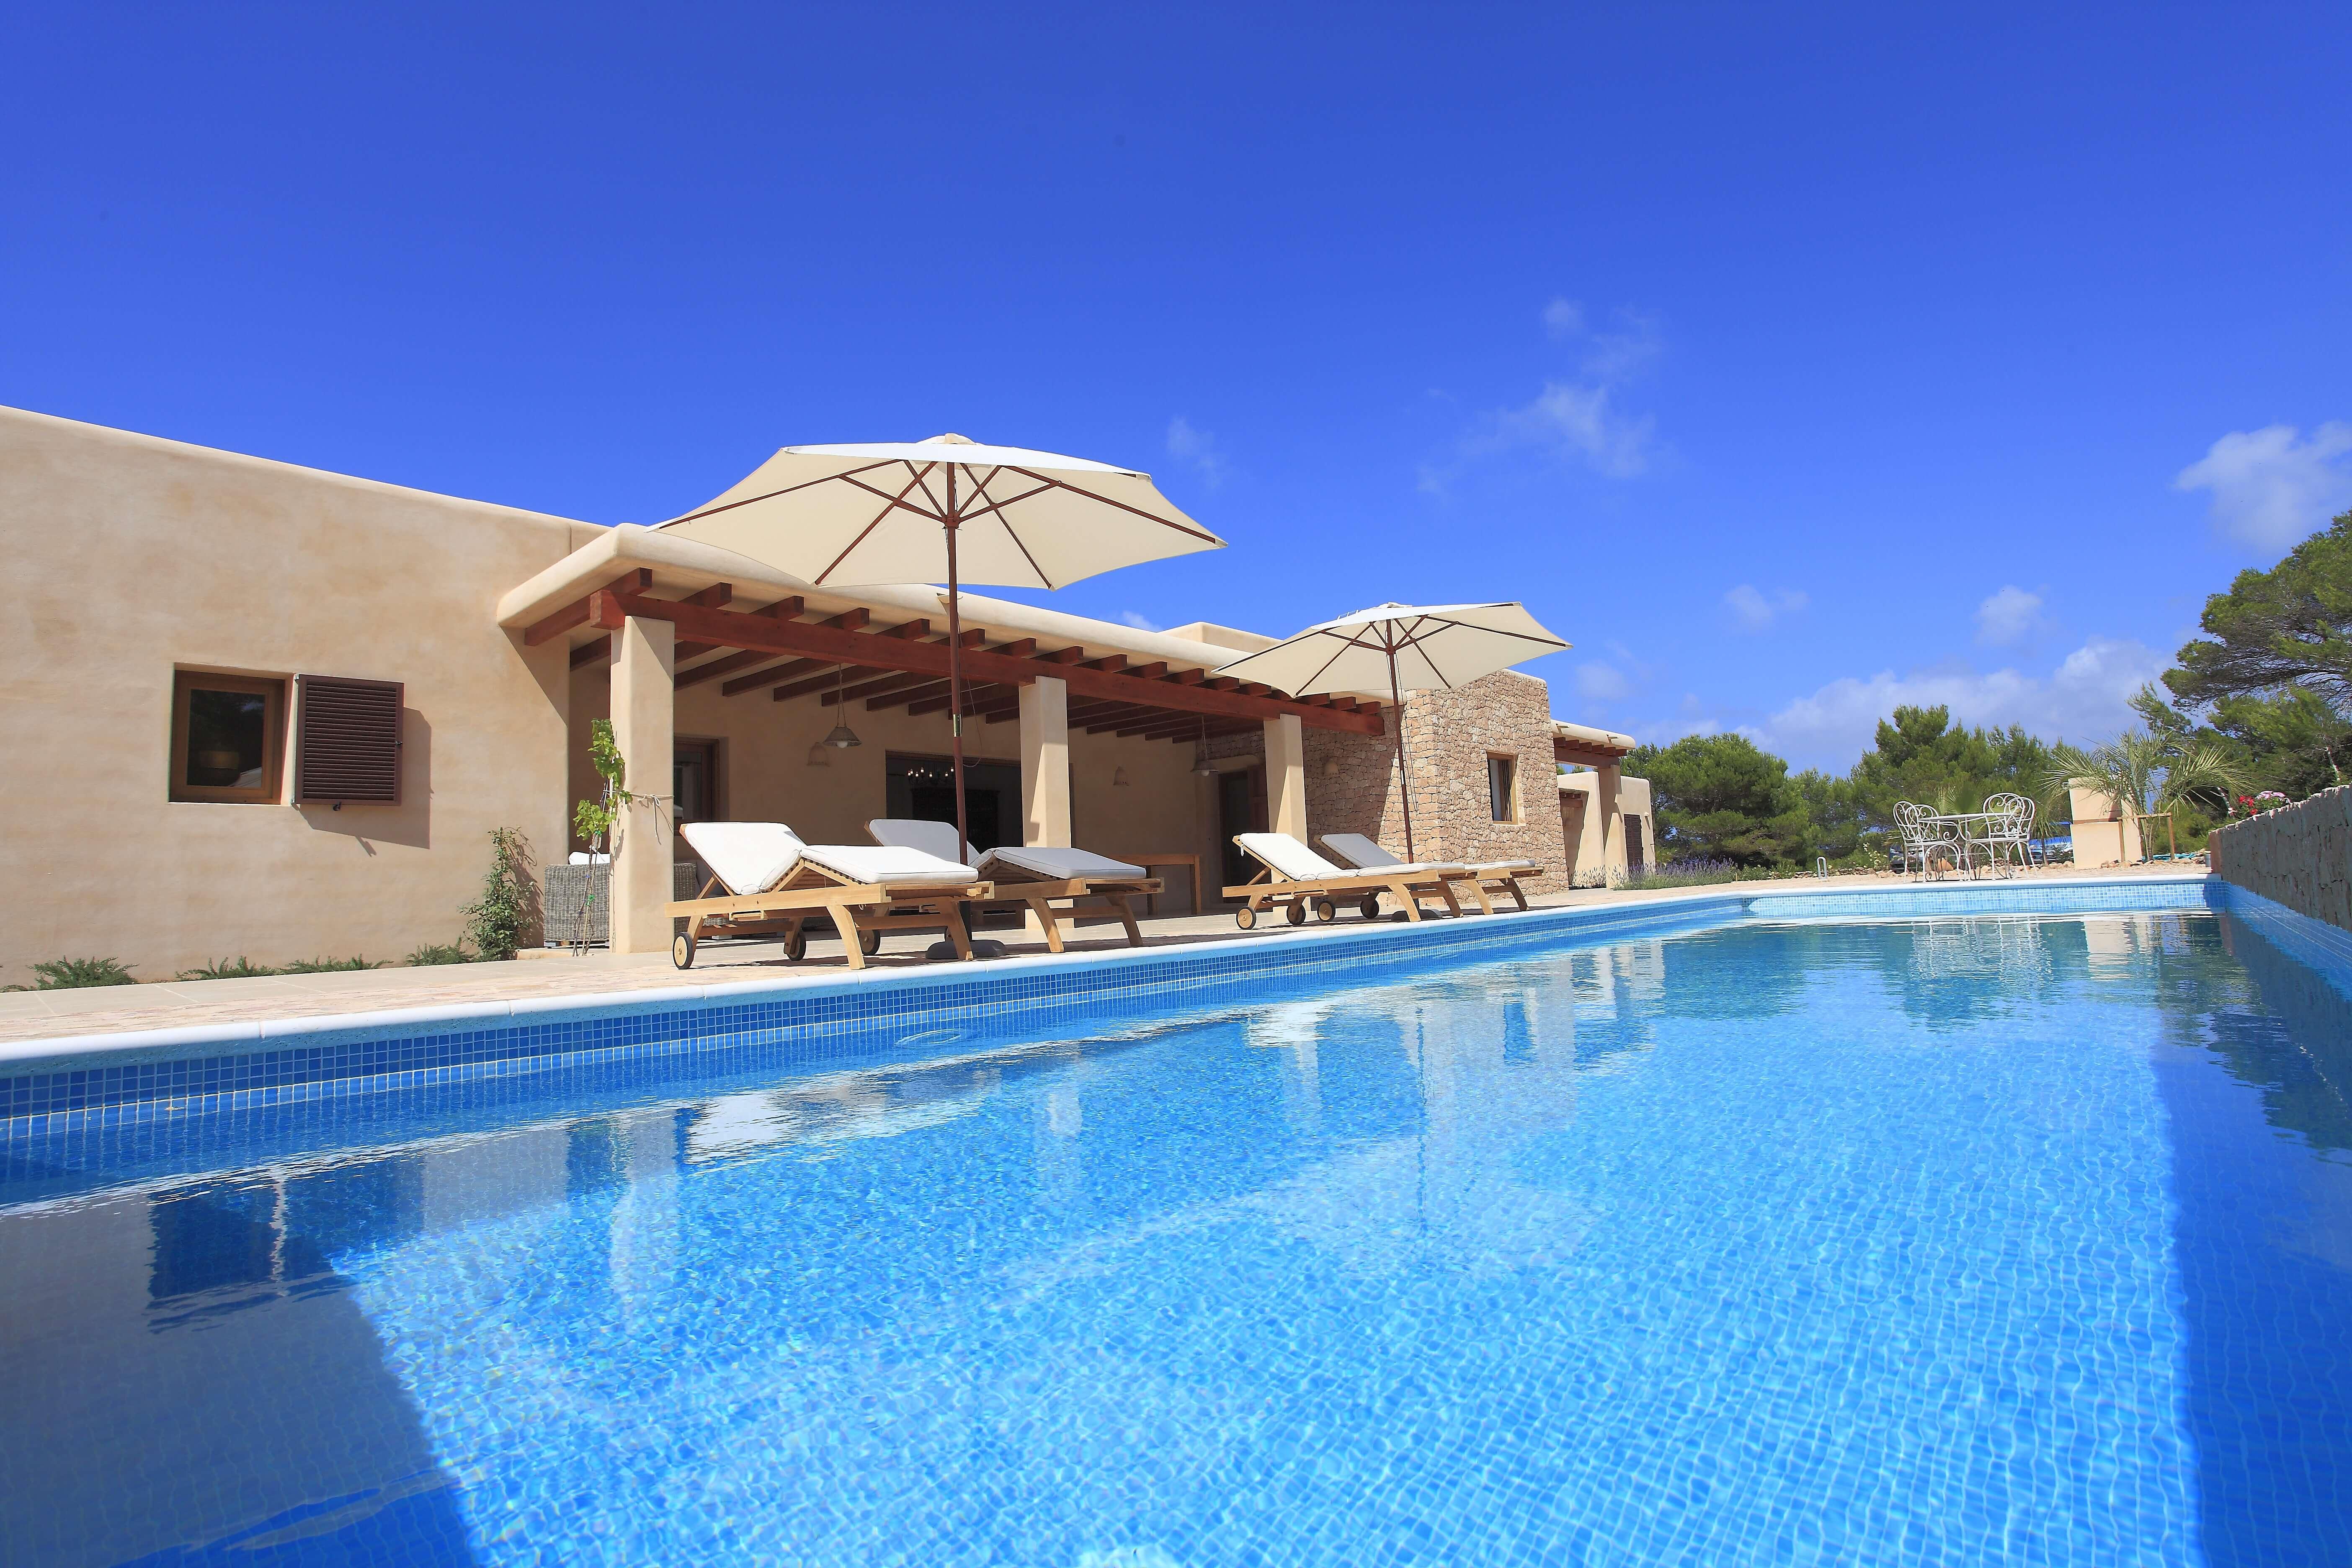 Casa rural con piscina y jardín. Alojamientos turísticos Cardona